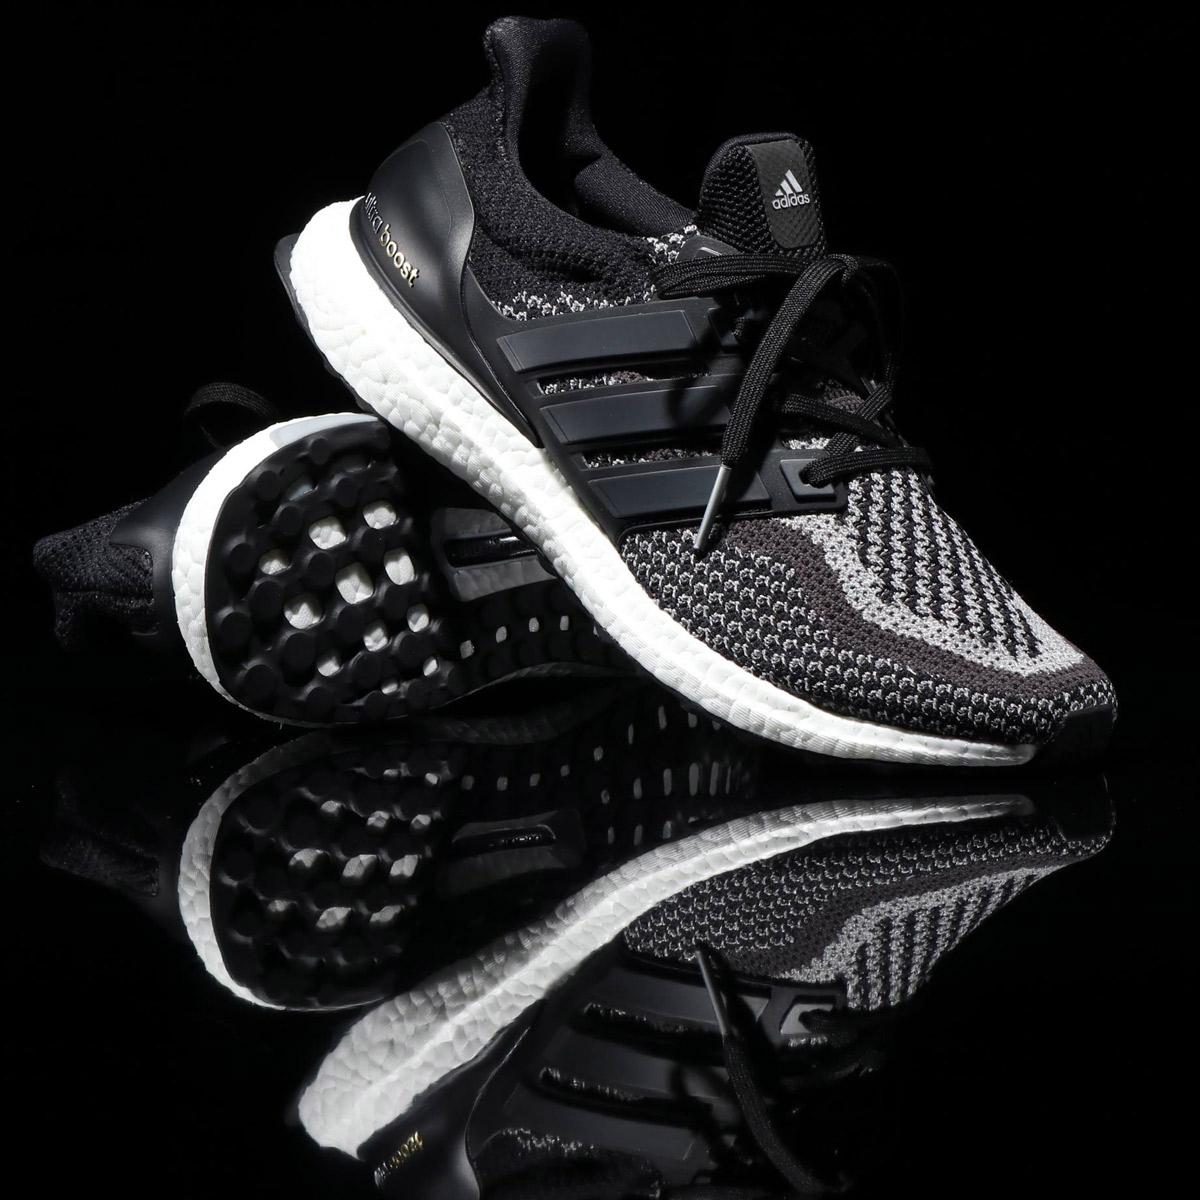 0897ea1bab5 adidas UltraBOOST Ltd Glow (Adidas ultra boost Ltd glow) CORE BLACK CORE  BLACK CORE BLACK 18FW-I